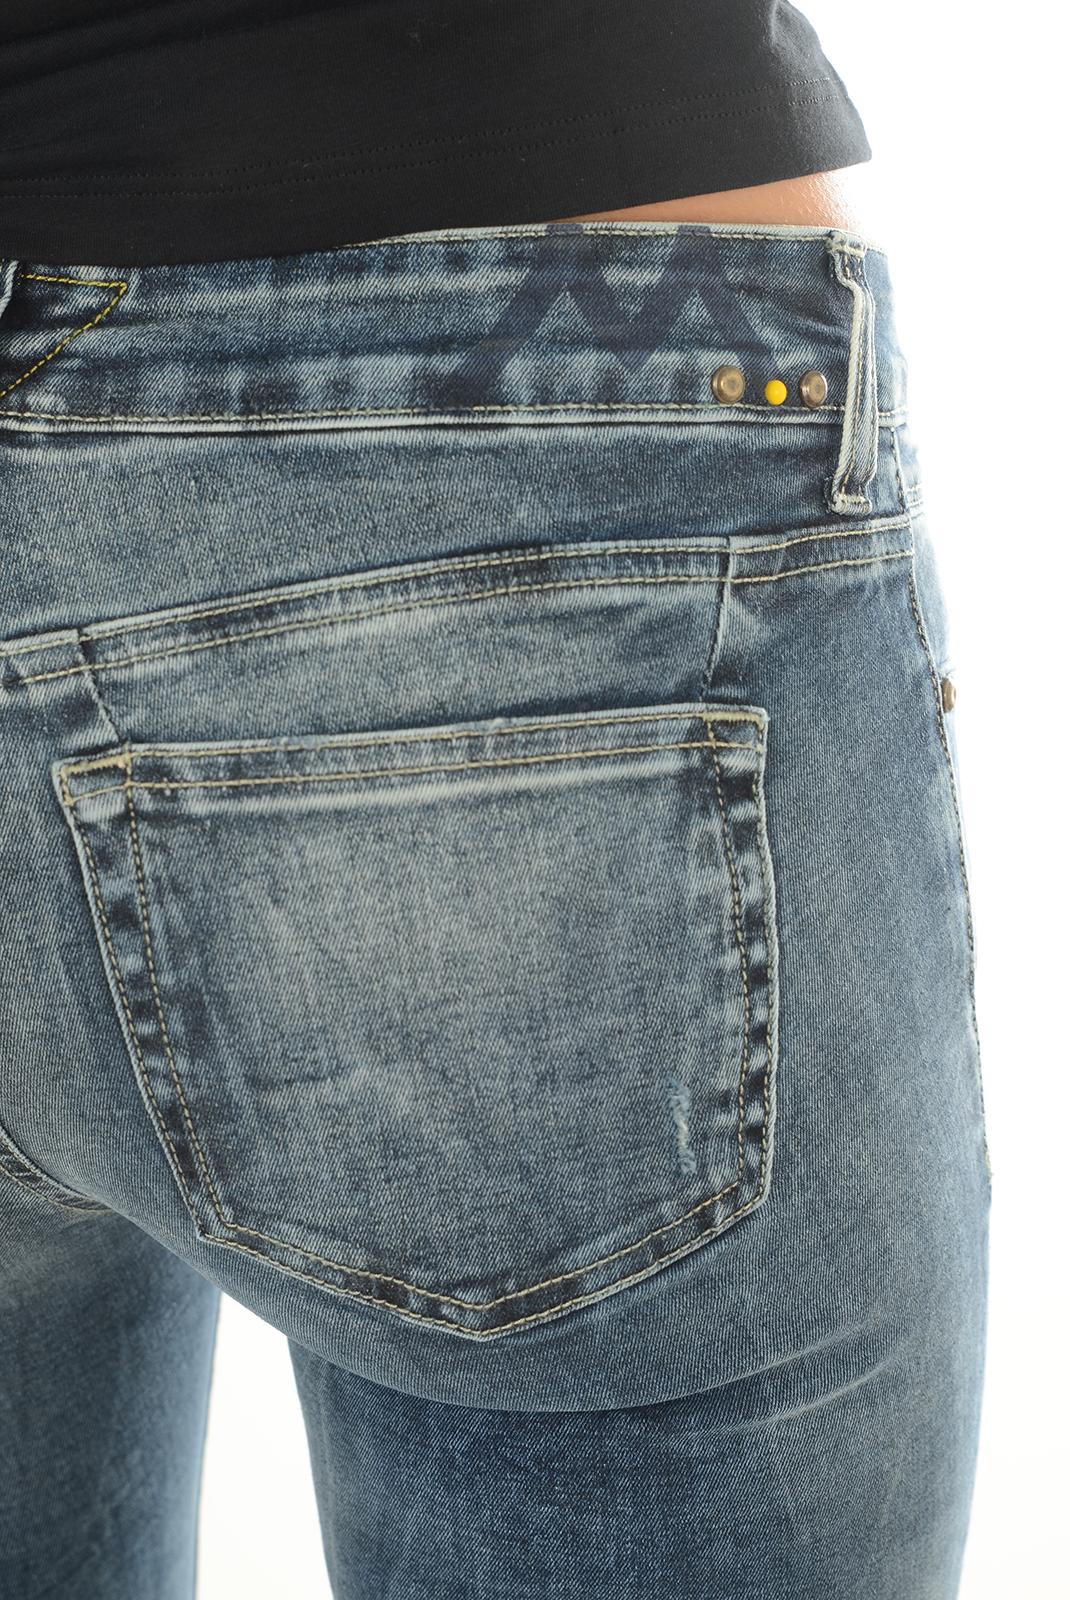 Jeans   Meltin'pot MAIA D2040 PE431 BF16   BLEU